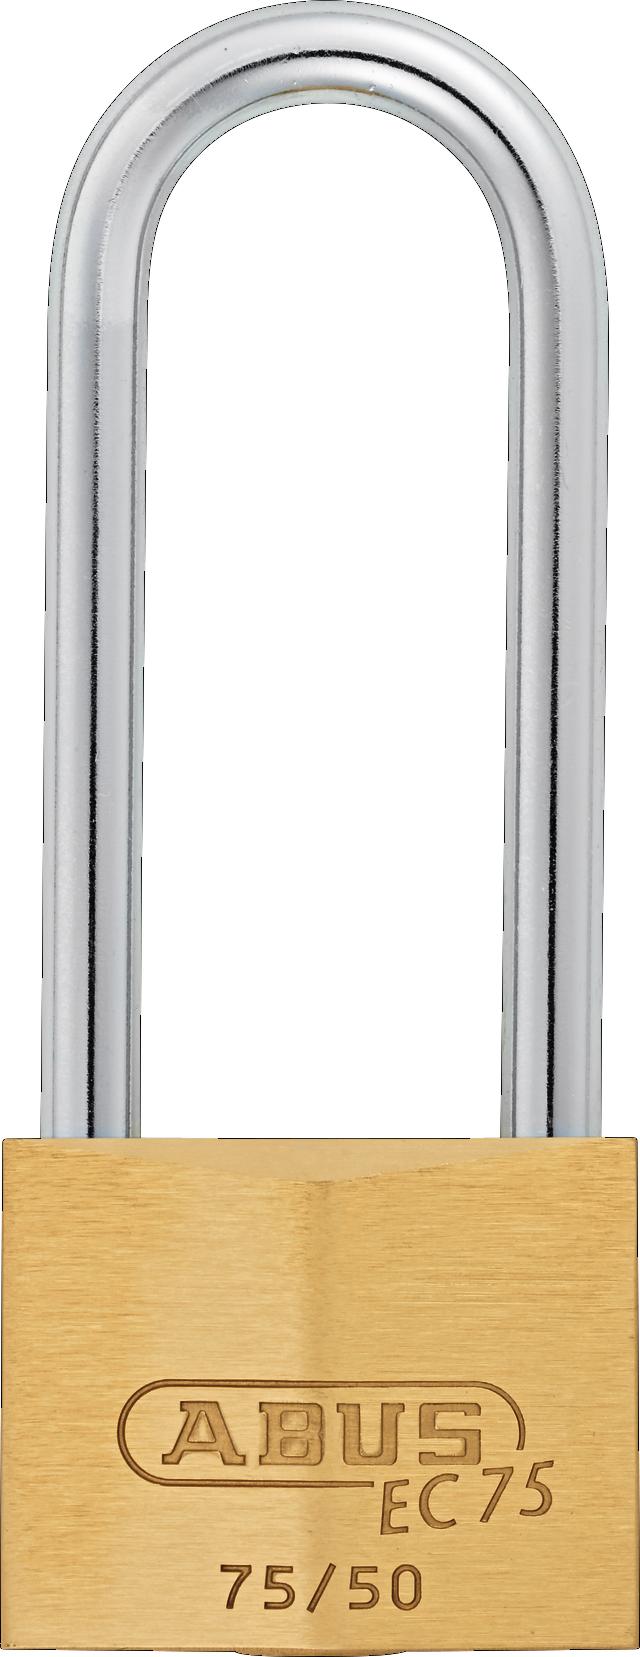 Vorhangschloss Messing 75/50HB80 B/EFSPP Rückansicht